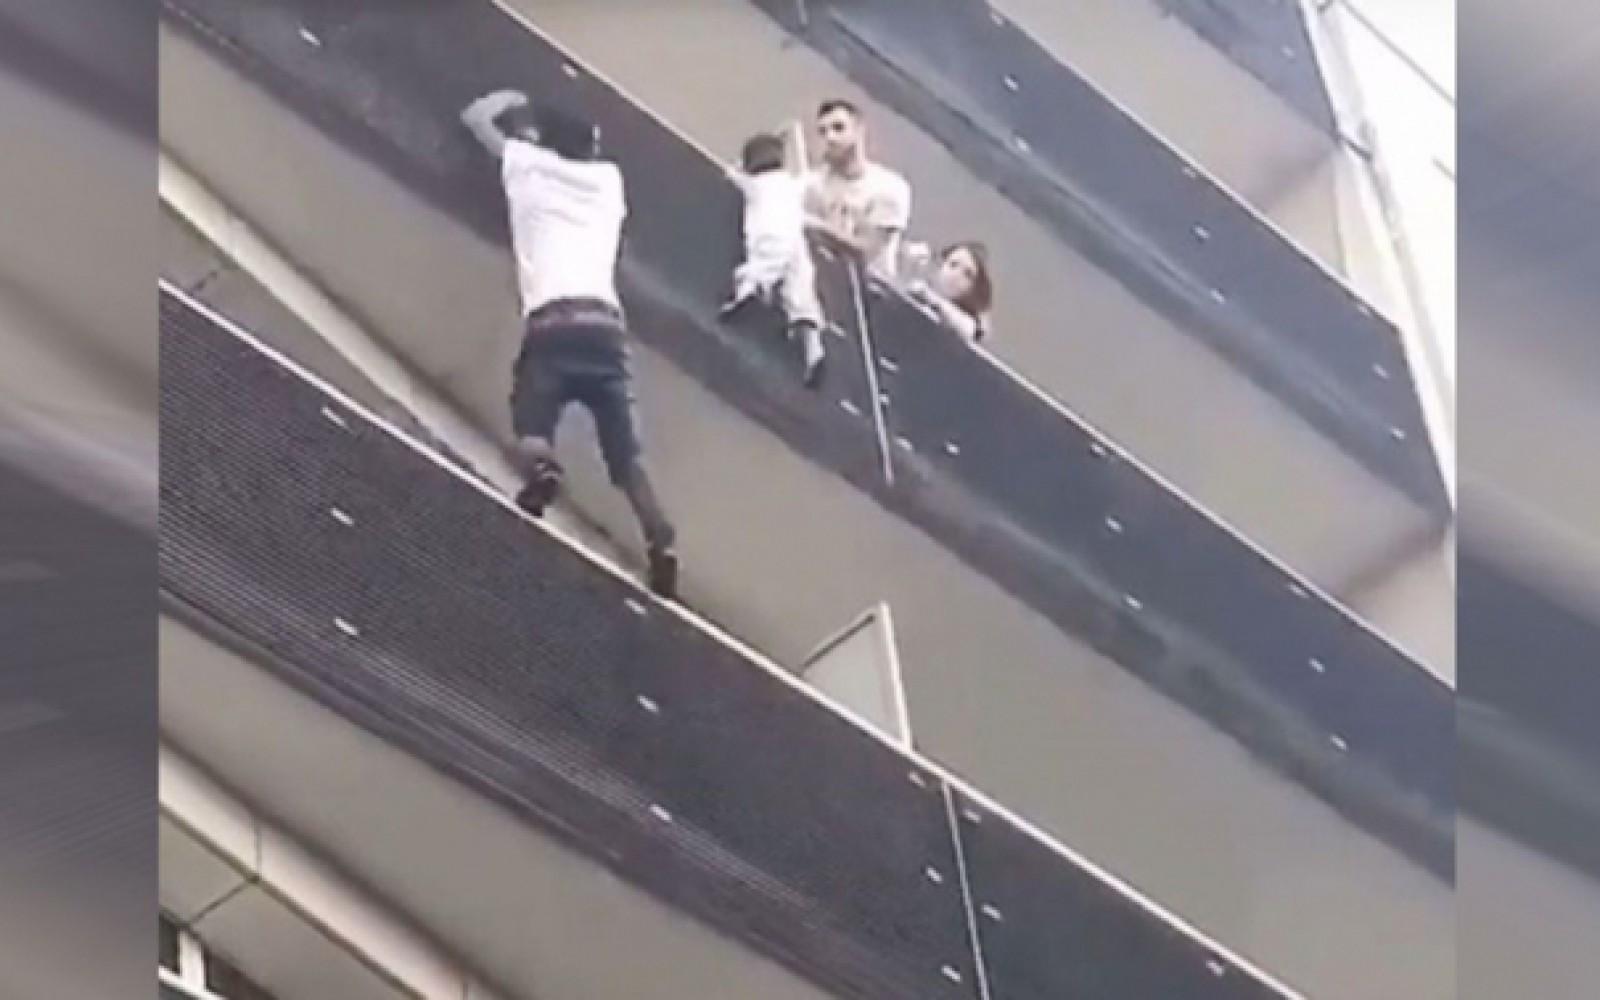 Tatăl copilului salvat de pe balcon de un imigrant a fost arestat. El era afară jucând Pokemon Go în timp ce copilul lui era în pericol